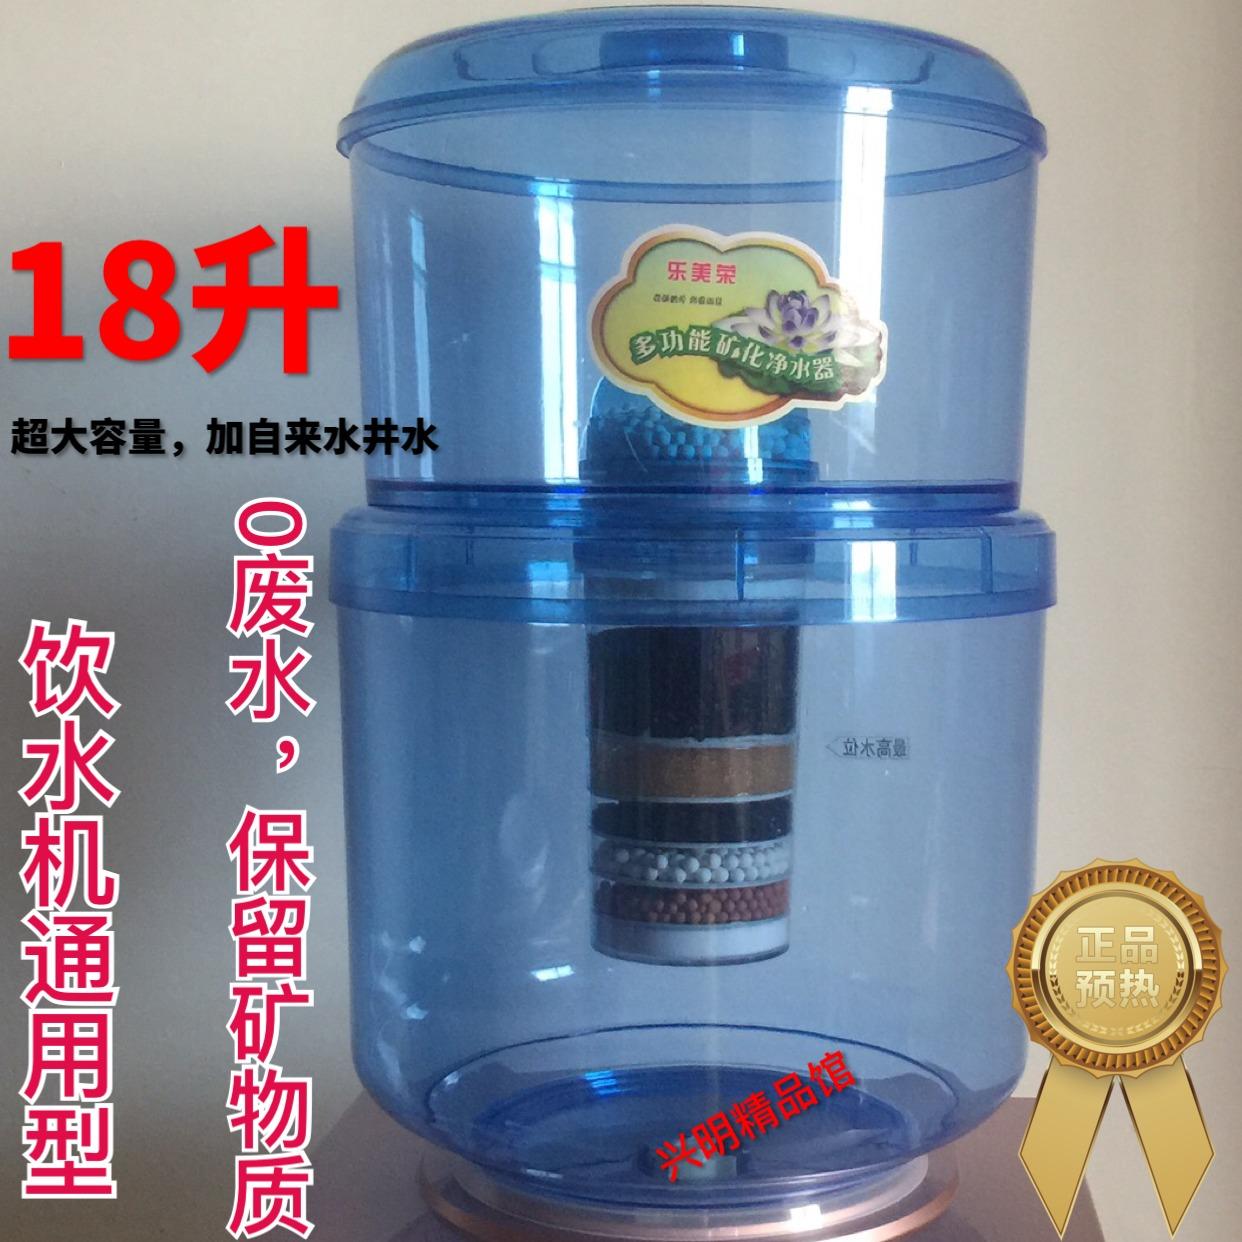 饮水机过滤桶家用净水器桶虑水器滤芯自来水井水水质净化器桶直饮